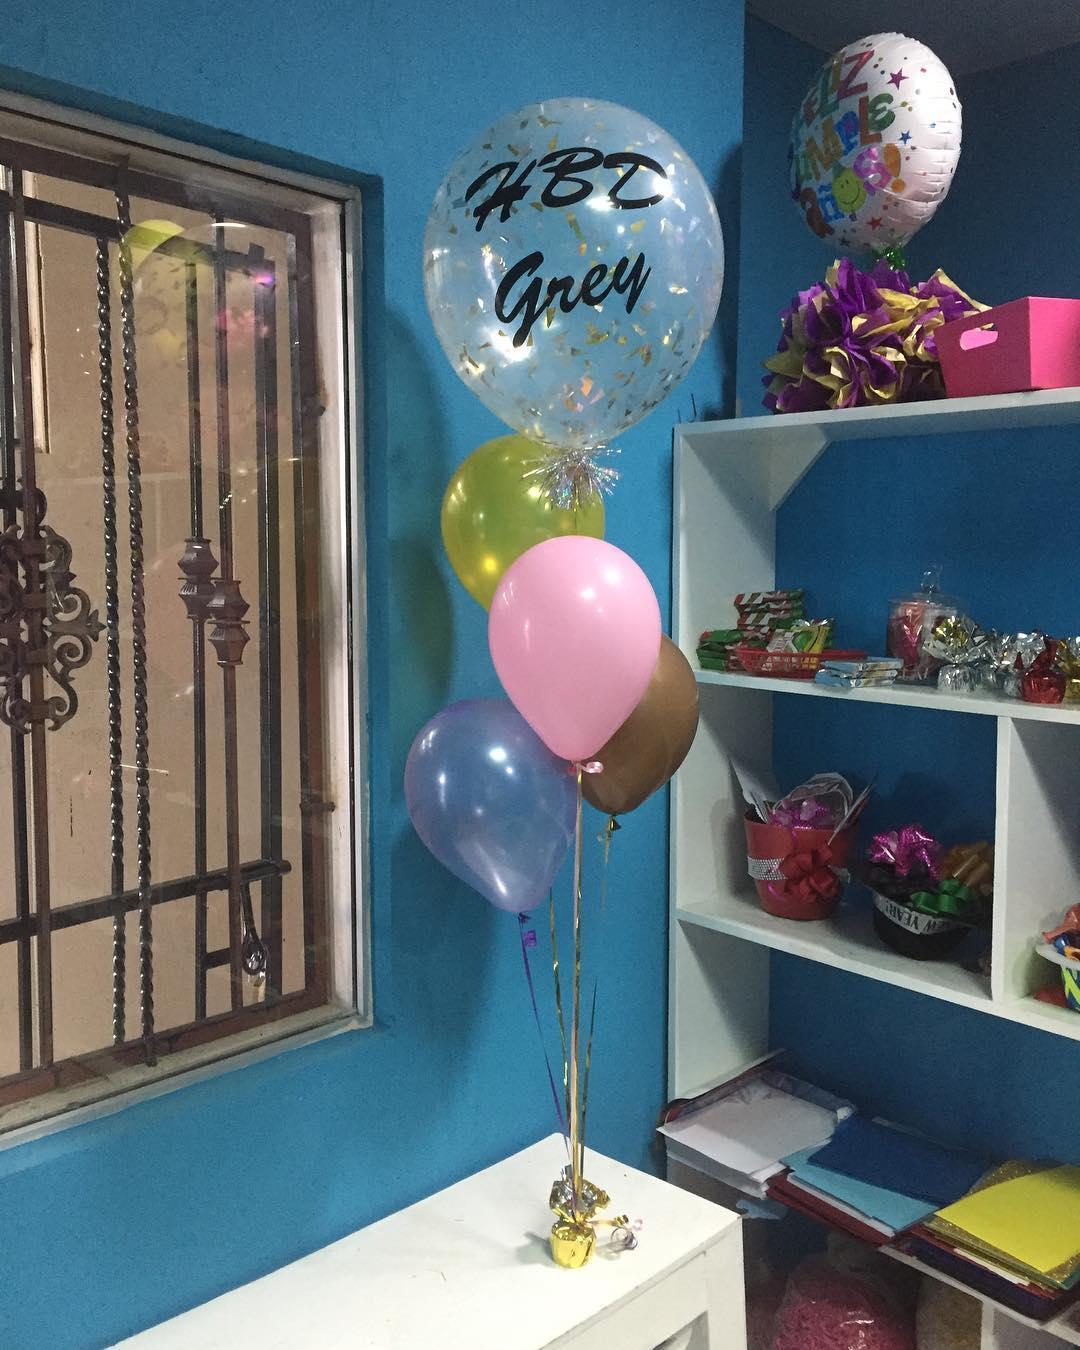 Visite Leah Party estamos localizados em Salcedo Street # 98 ao lado de Funerar ...